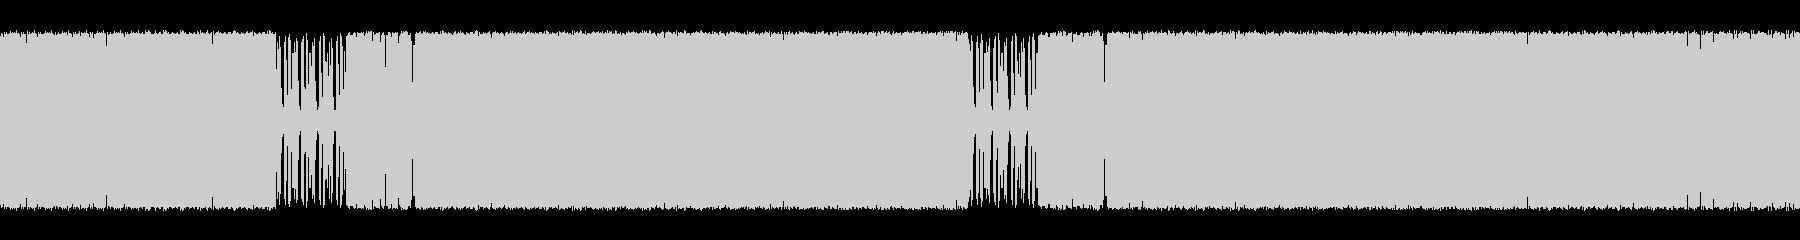 シンセが特徴的なハウスの未再生の波形